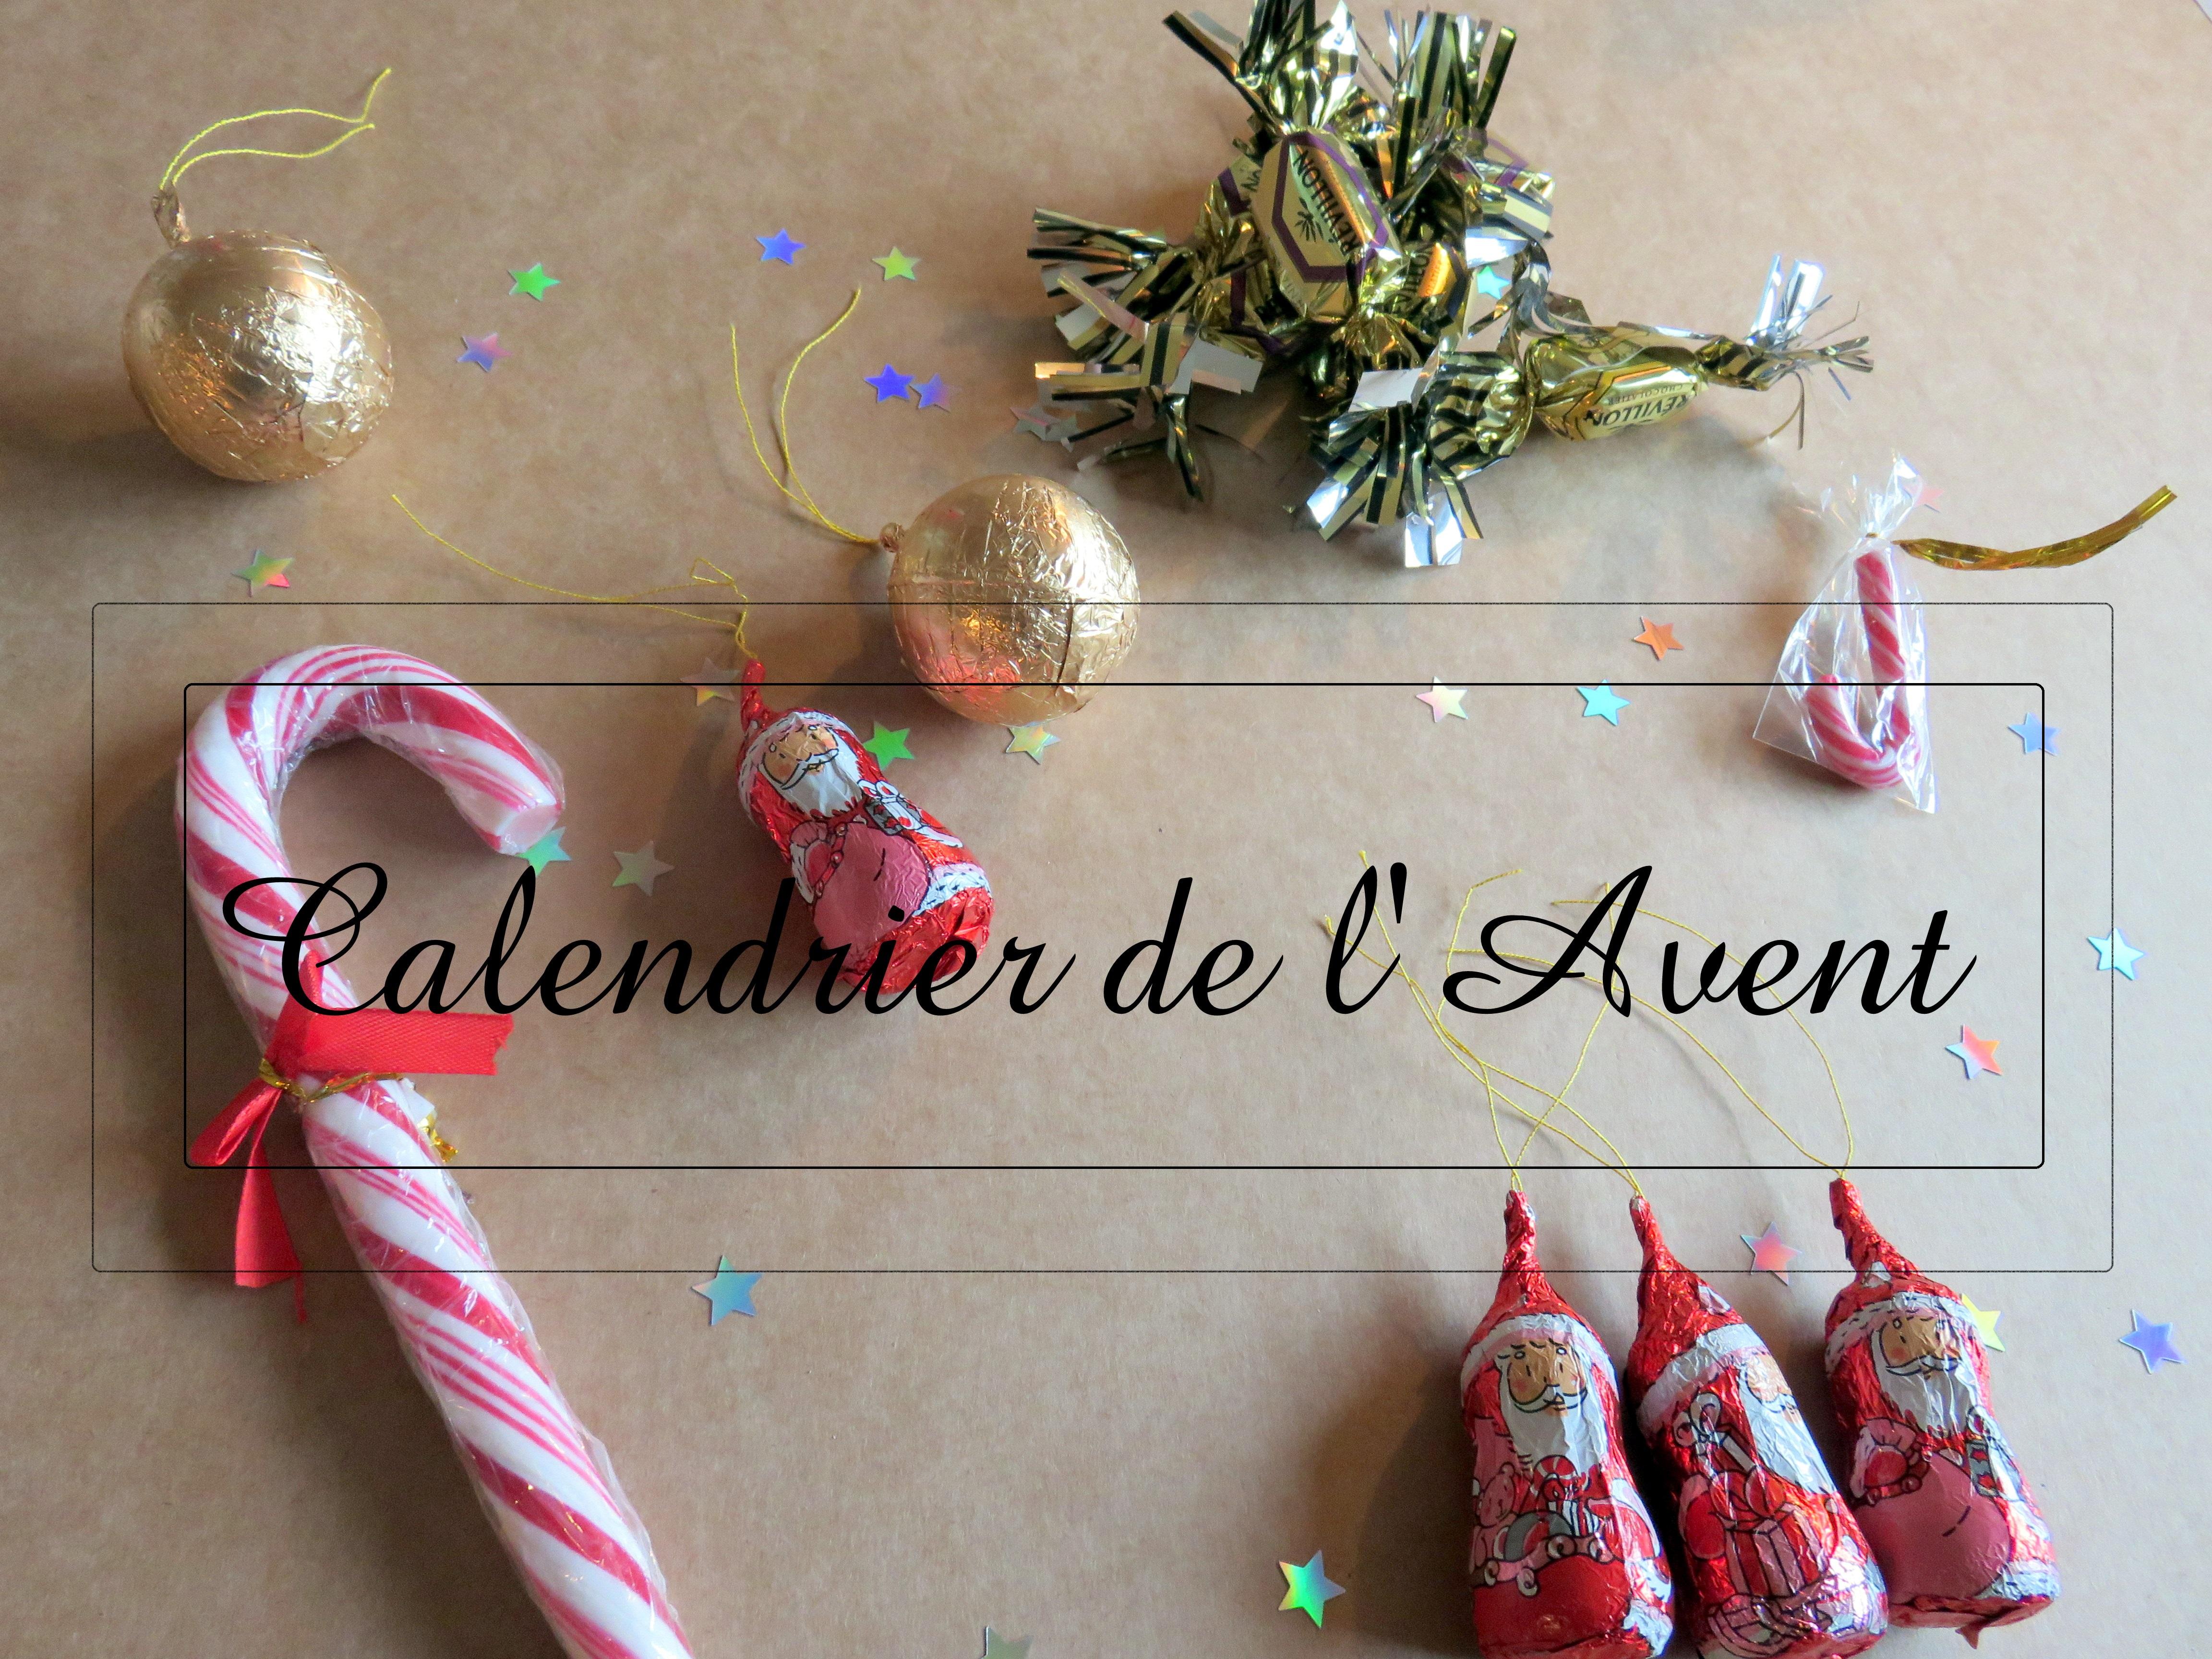 Préparons Noël 2015 # 3 : le calendrier de l'Avent pour mes enfants !